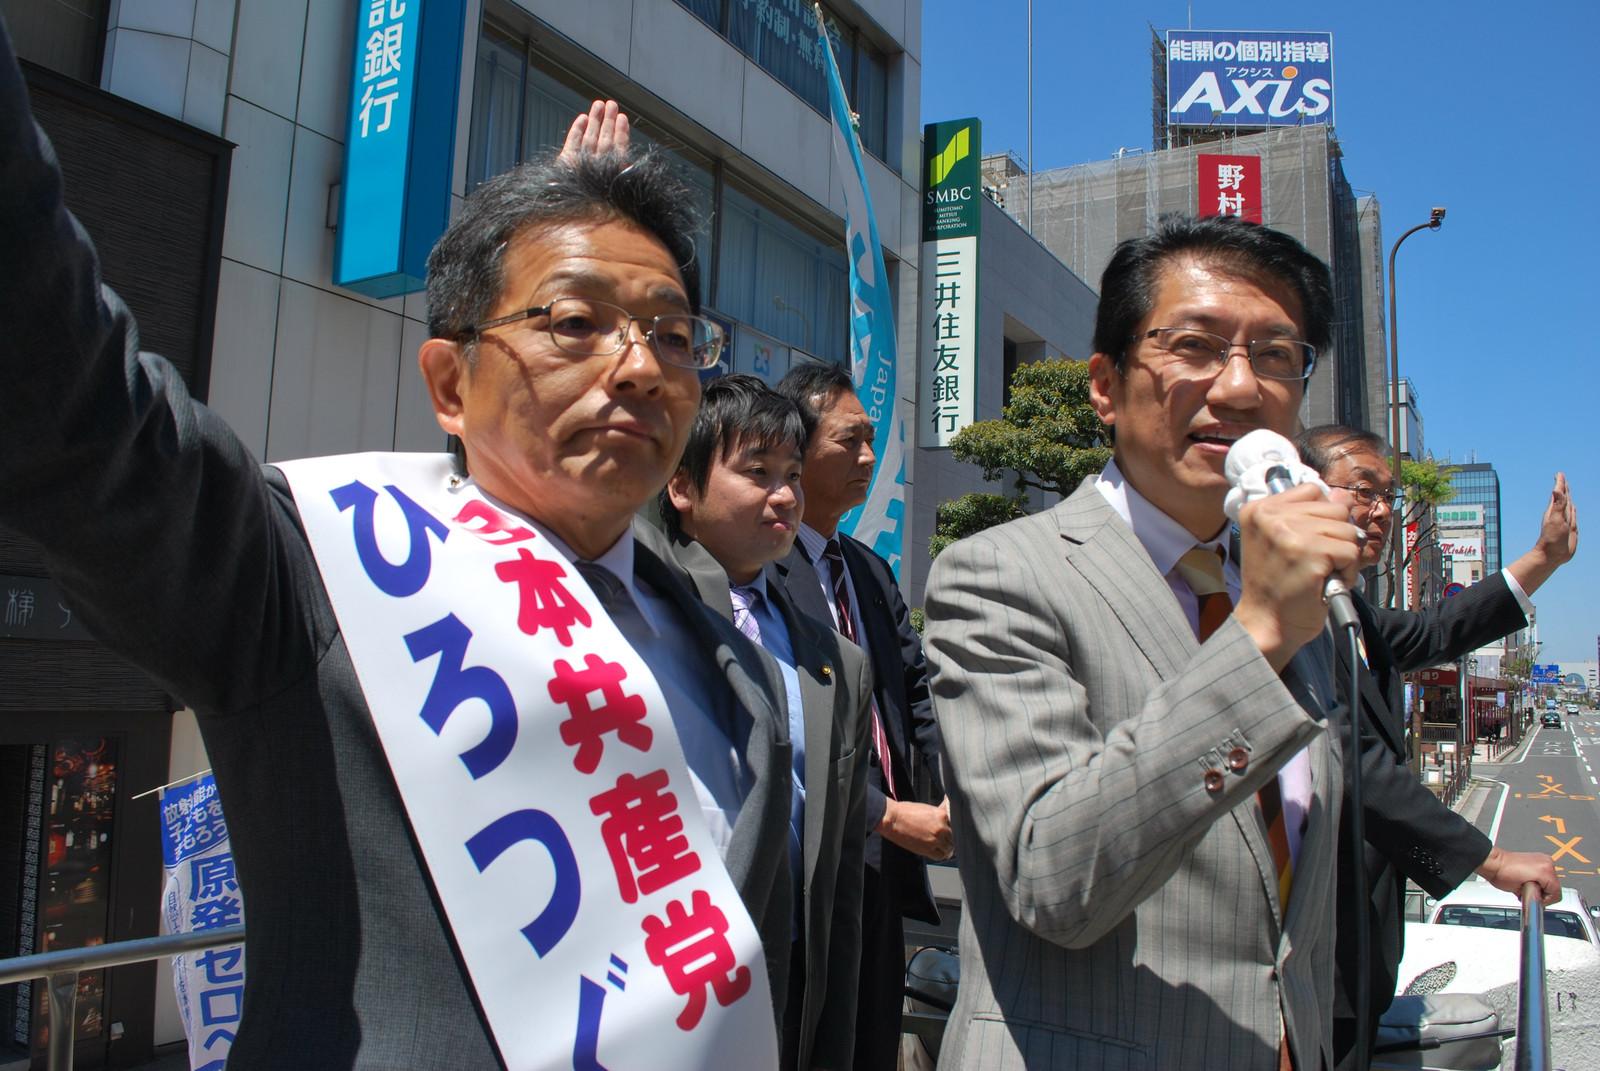 街頭から訴える田村貴昭衆院議員と、ひろつぐ大分1区予定候補=23日、大分市